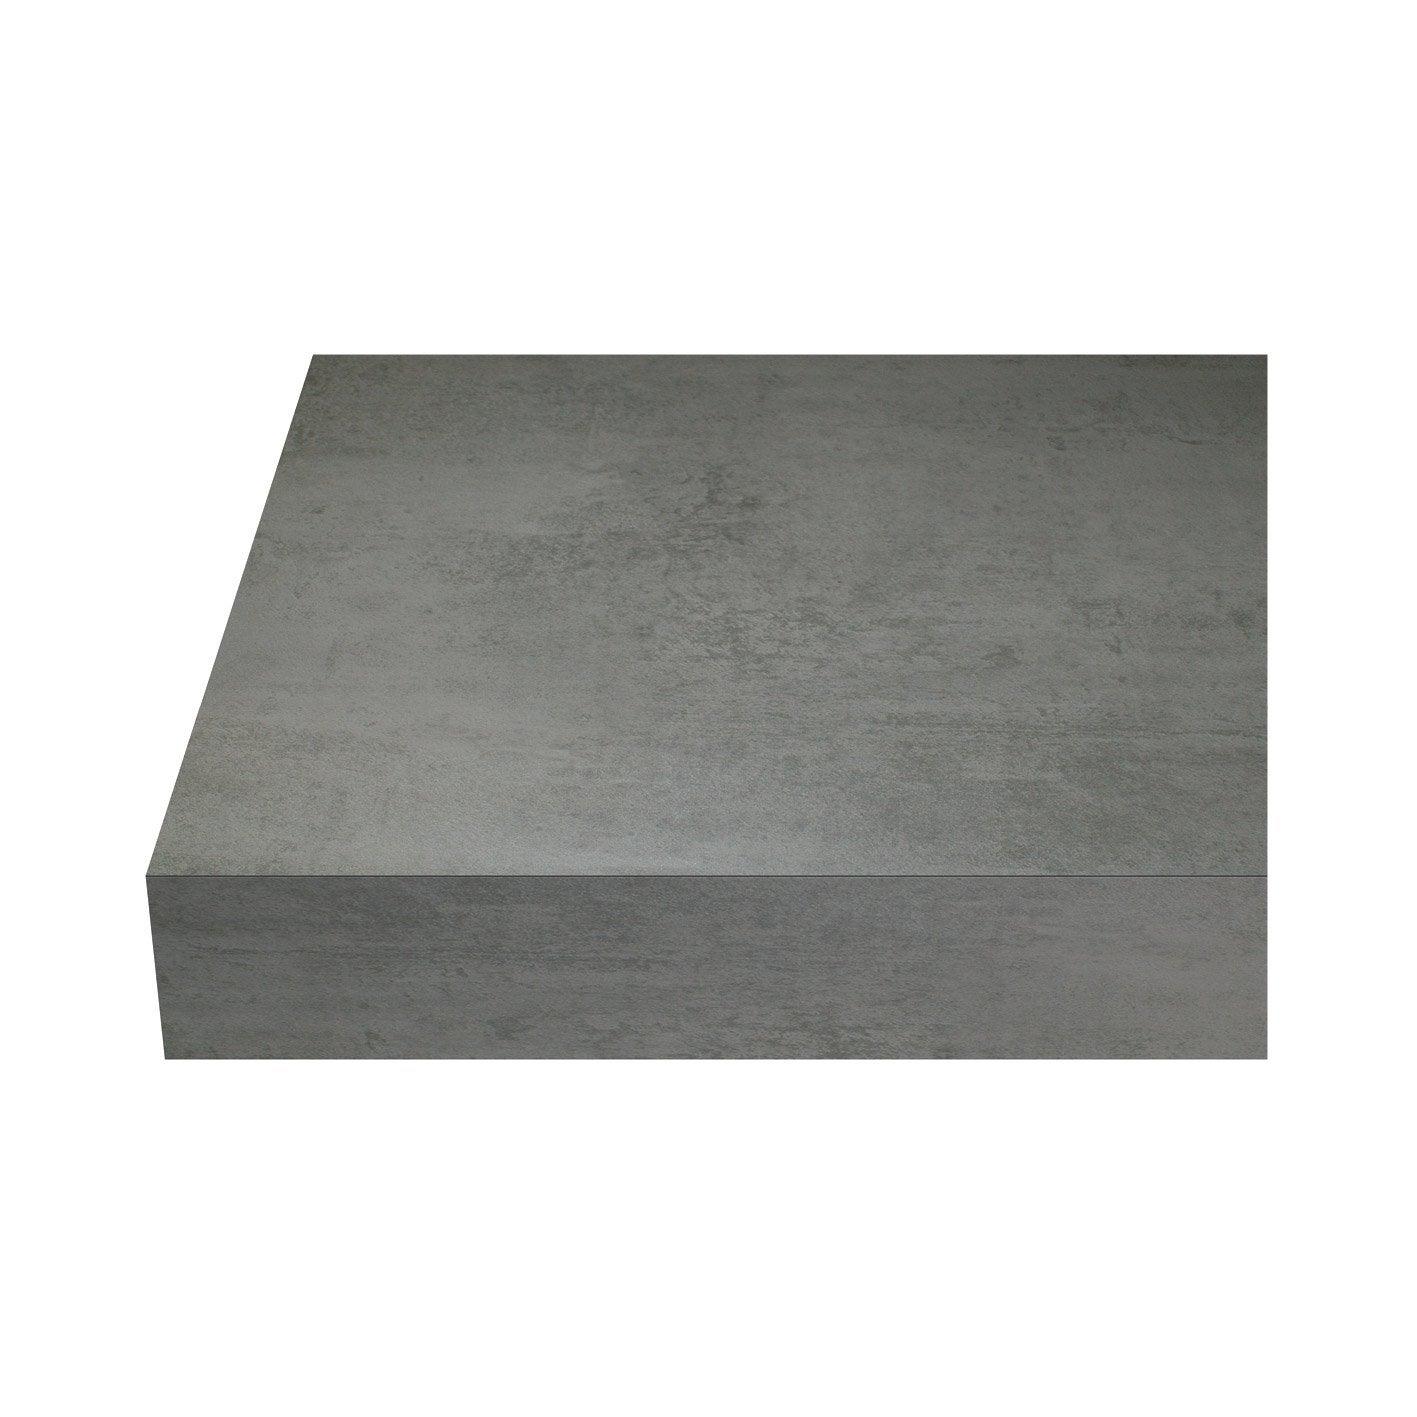 Beton Cire Exterieur Avis plan de travail stratifié beton cire clair mat l.315 x p.65 cm, ep.38 mm